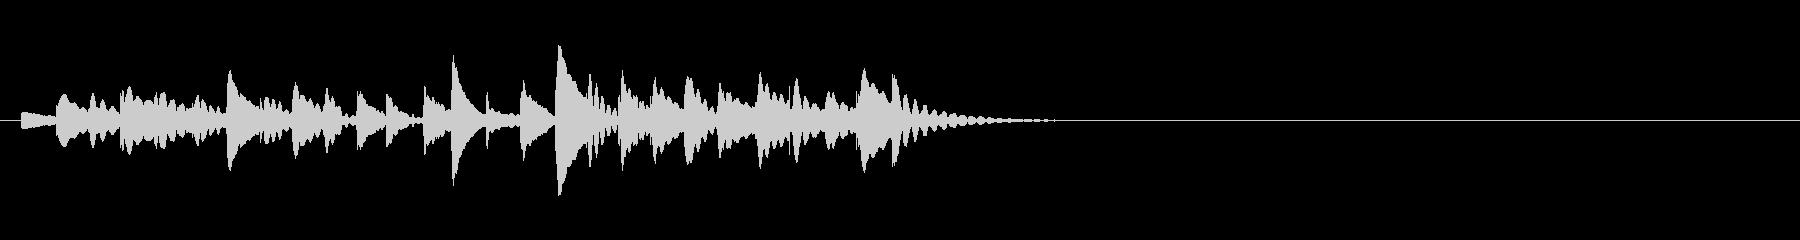 木琴、高速「上下」アクセント、タイプ1の未再生の波形